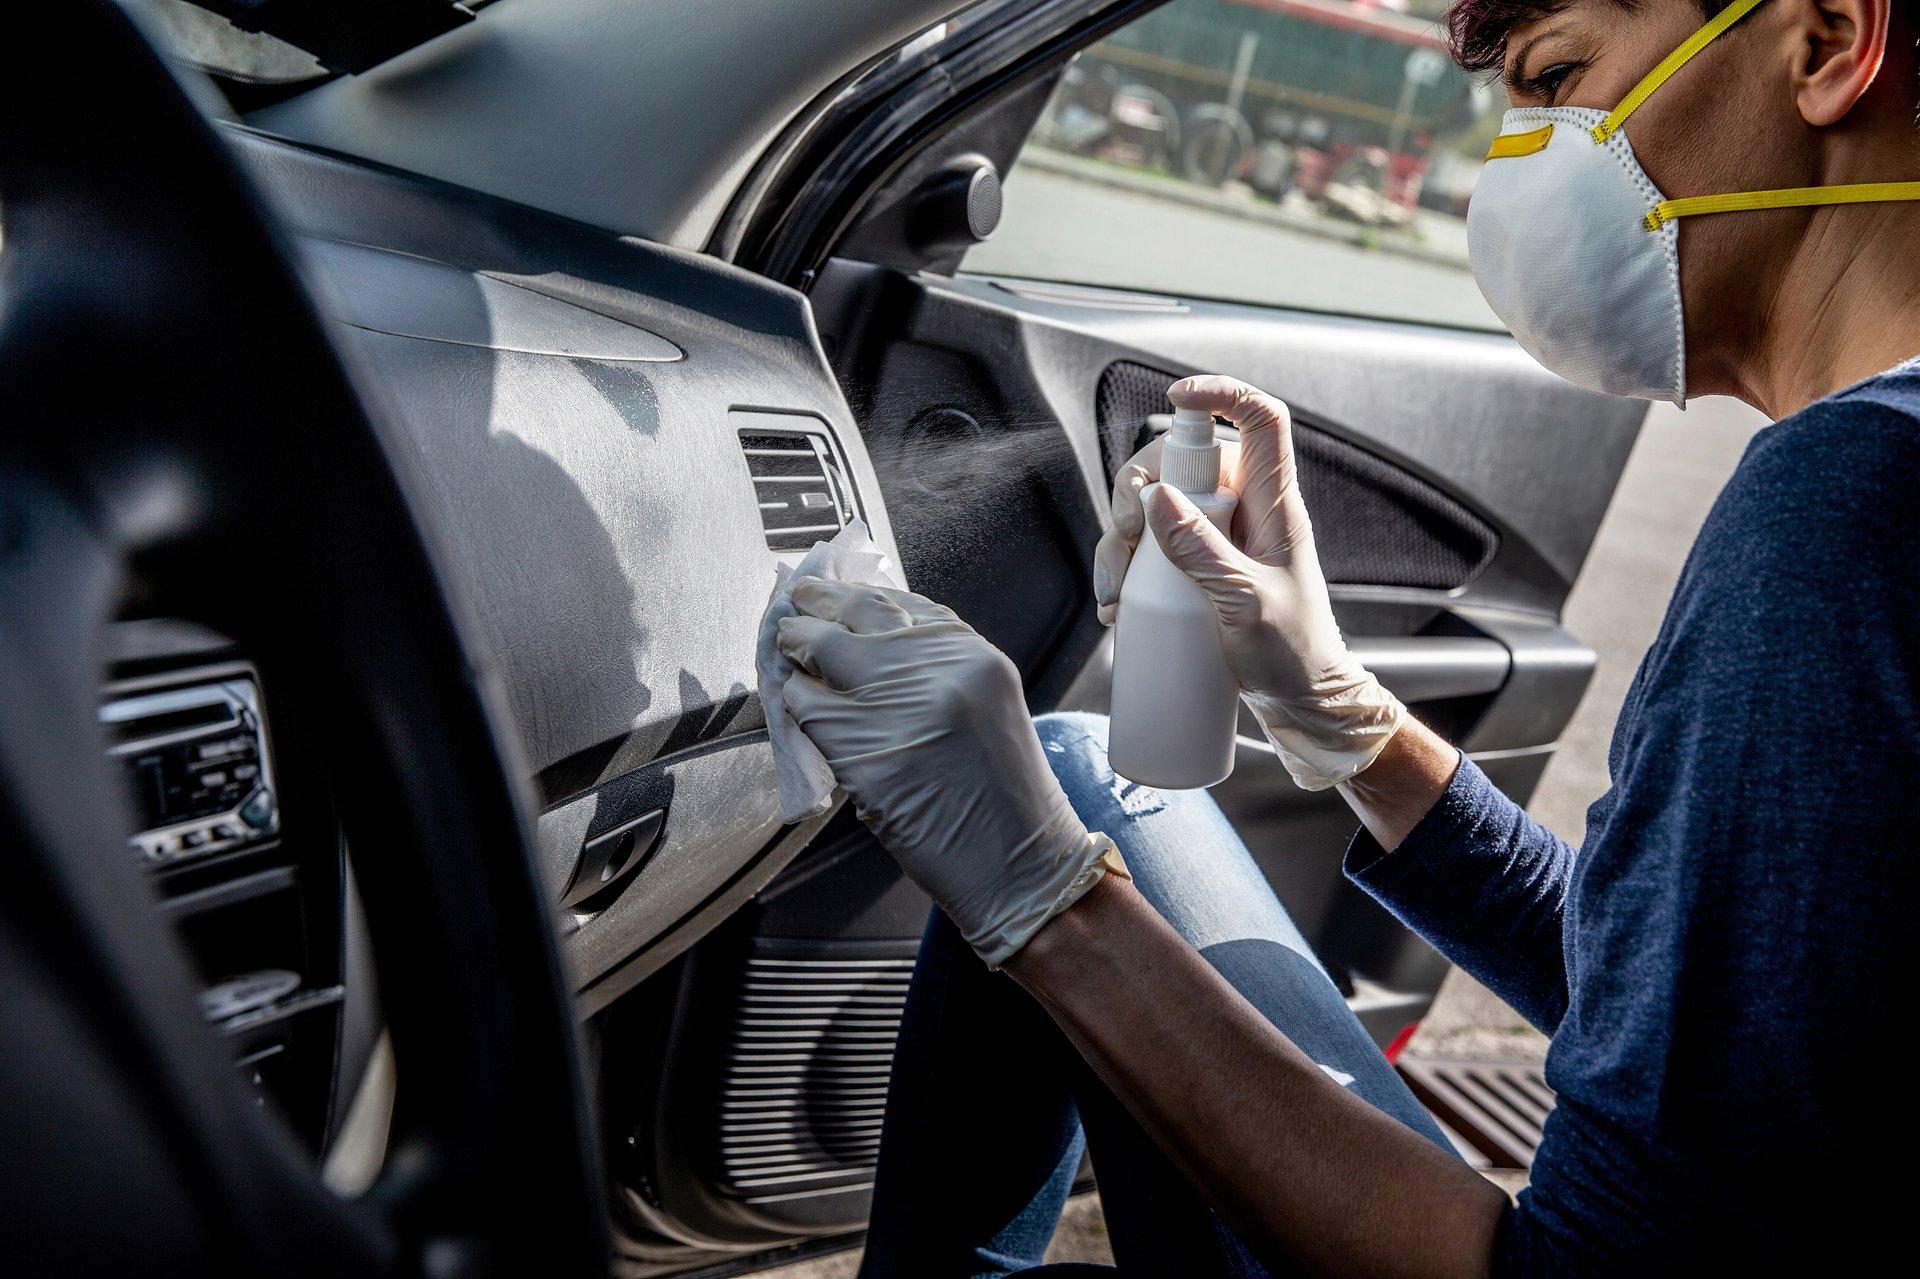 Wiosenne porządki z Würth Polska. Jak skutecznie wyczyścić wnętrze auta?